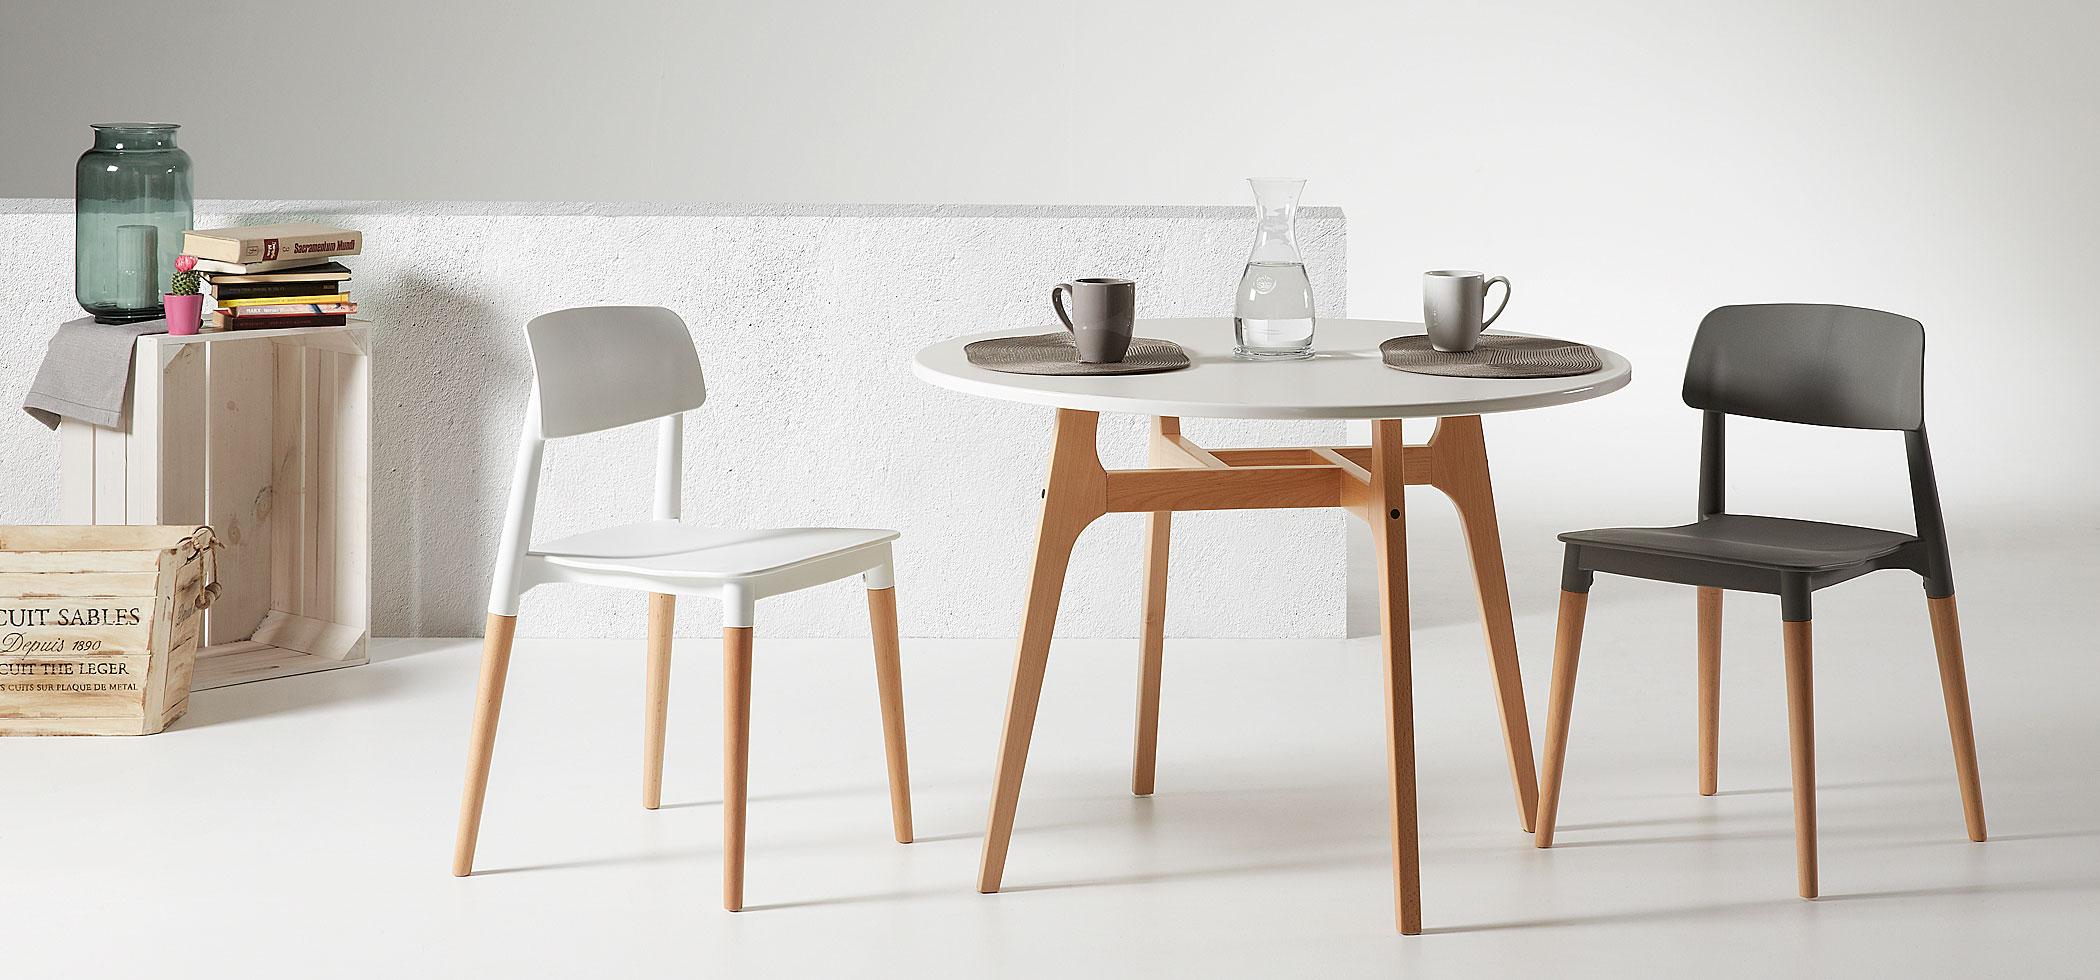 C mo encontrar la mesa comedor perfecta muebles gasc n - Que poner encima mesa comedor ...